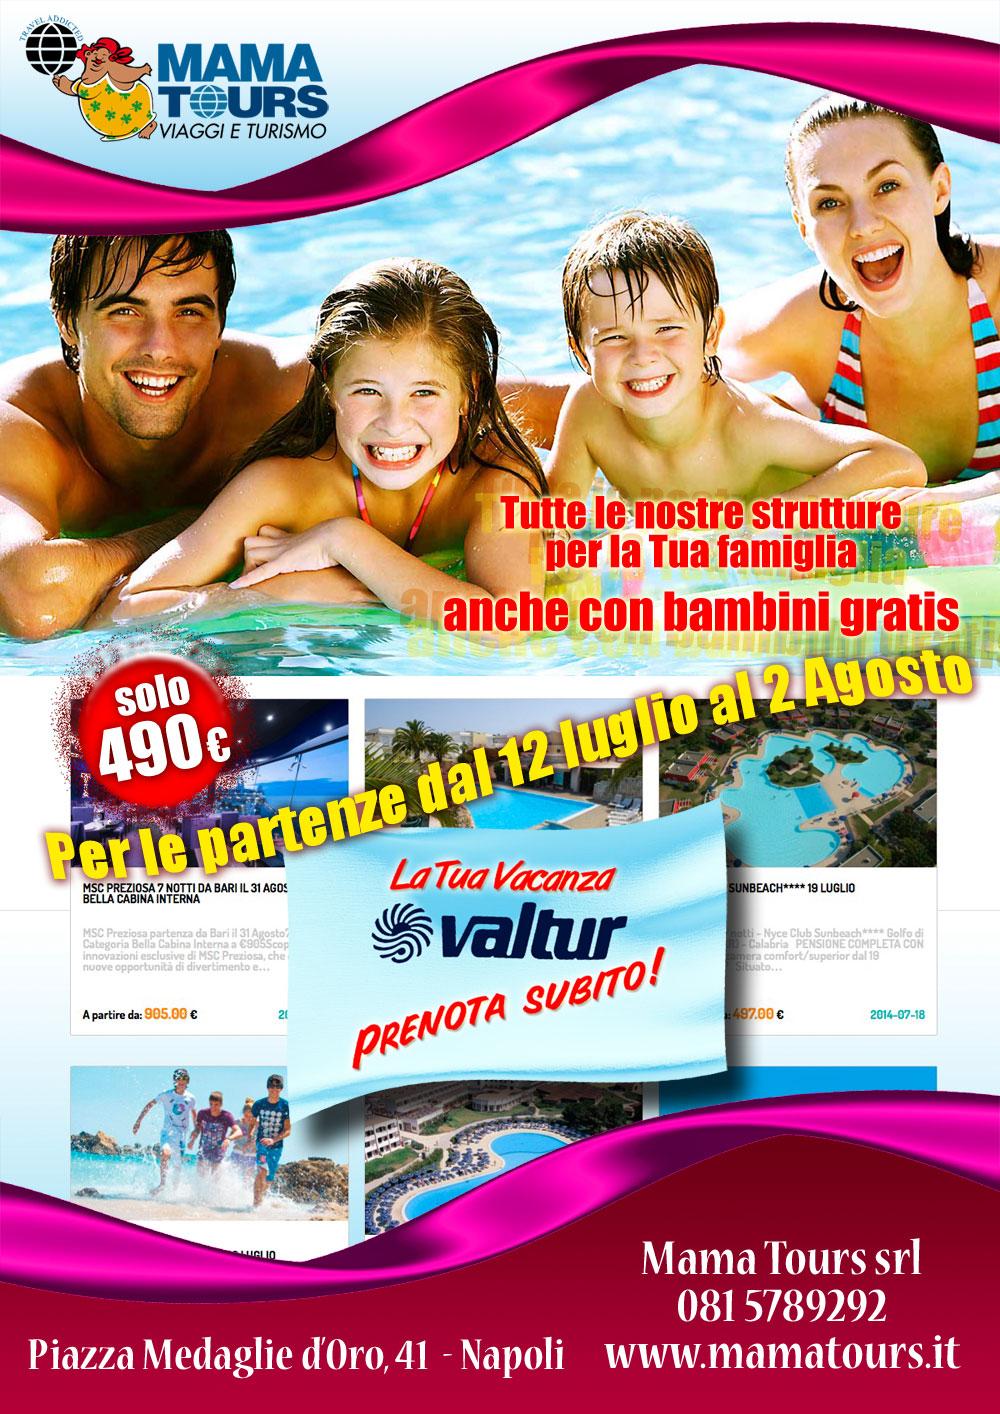 Viaggi vacanze in Italia Villaggi Valtur - Vacanze-italia